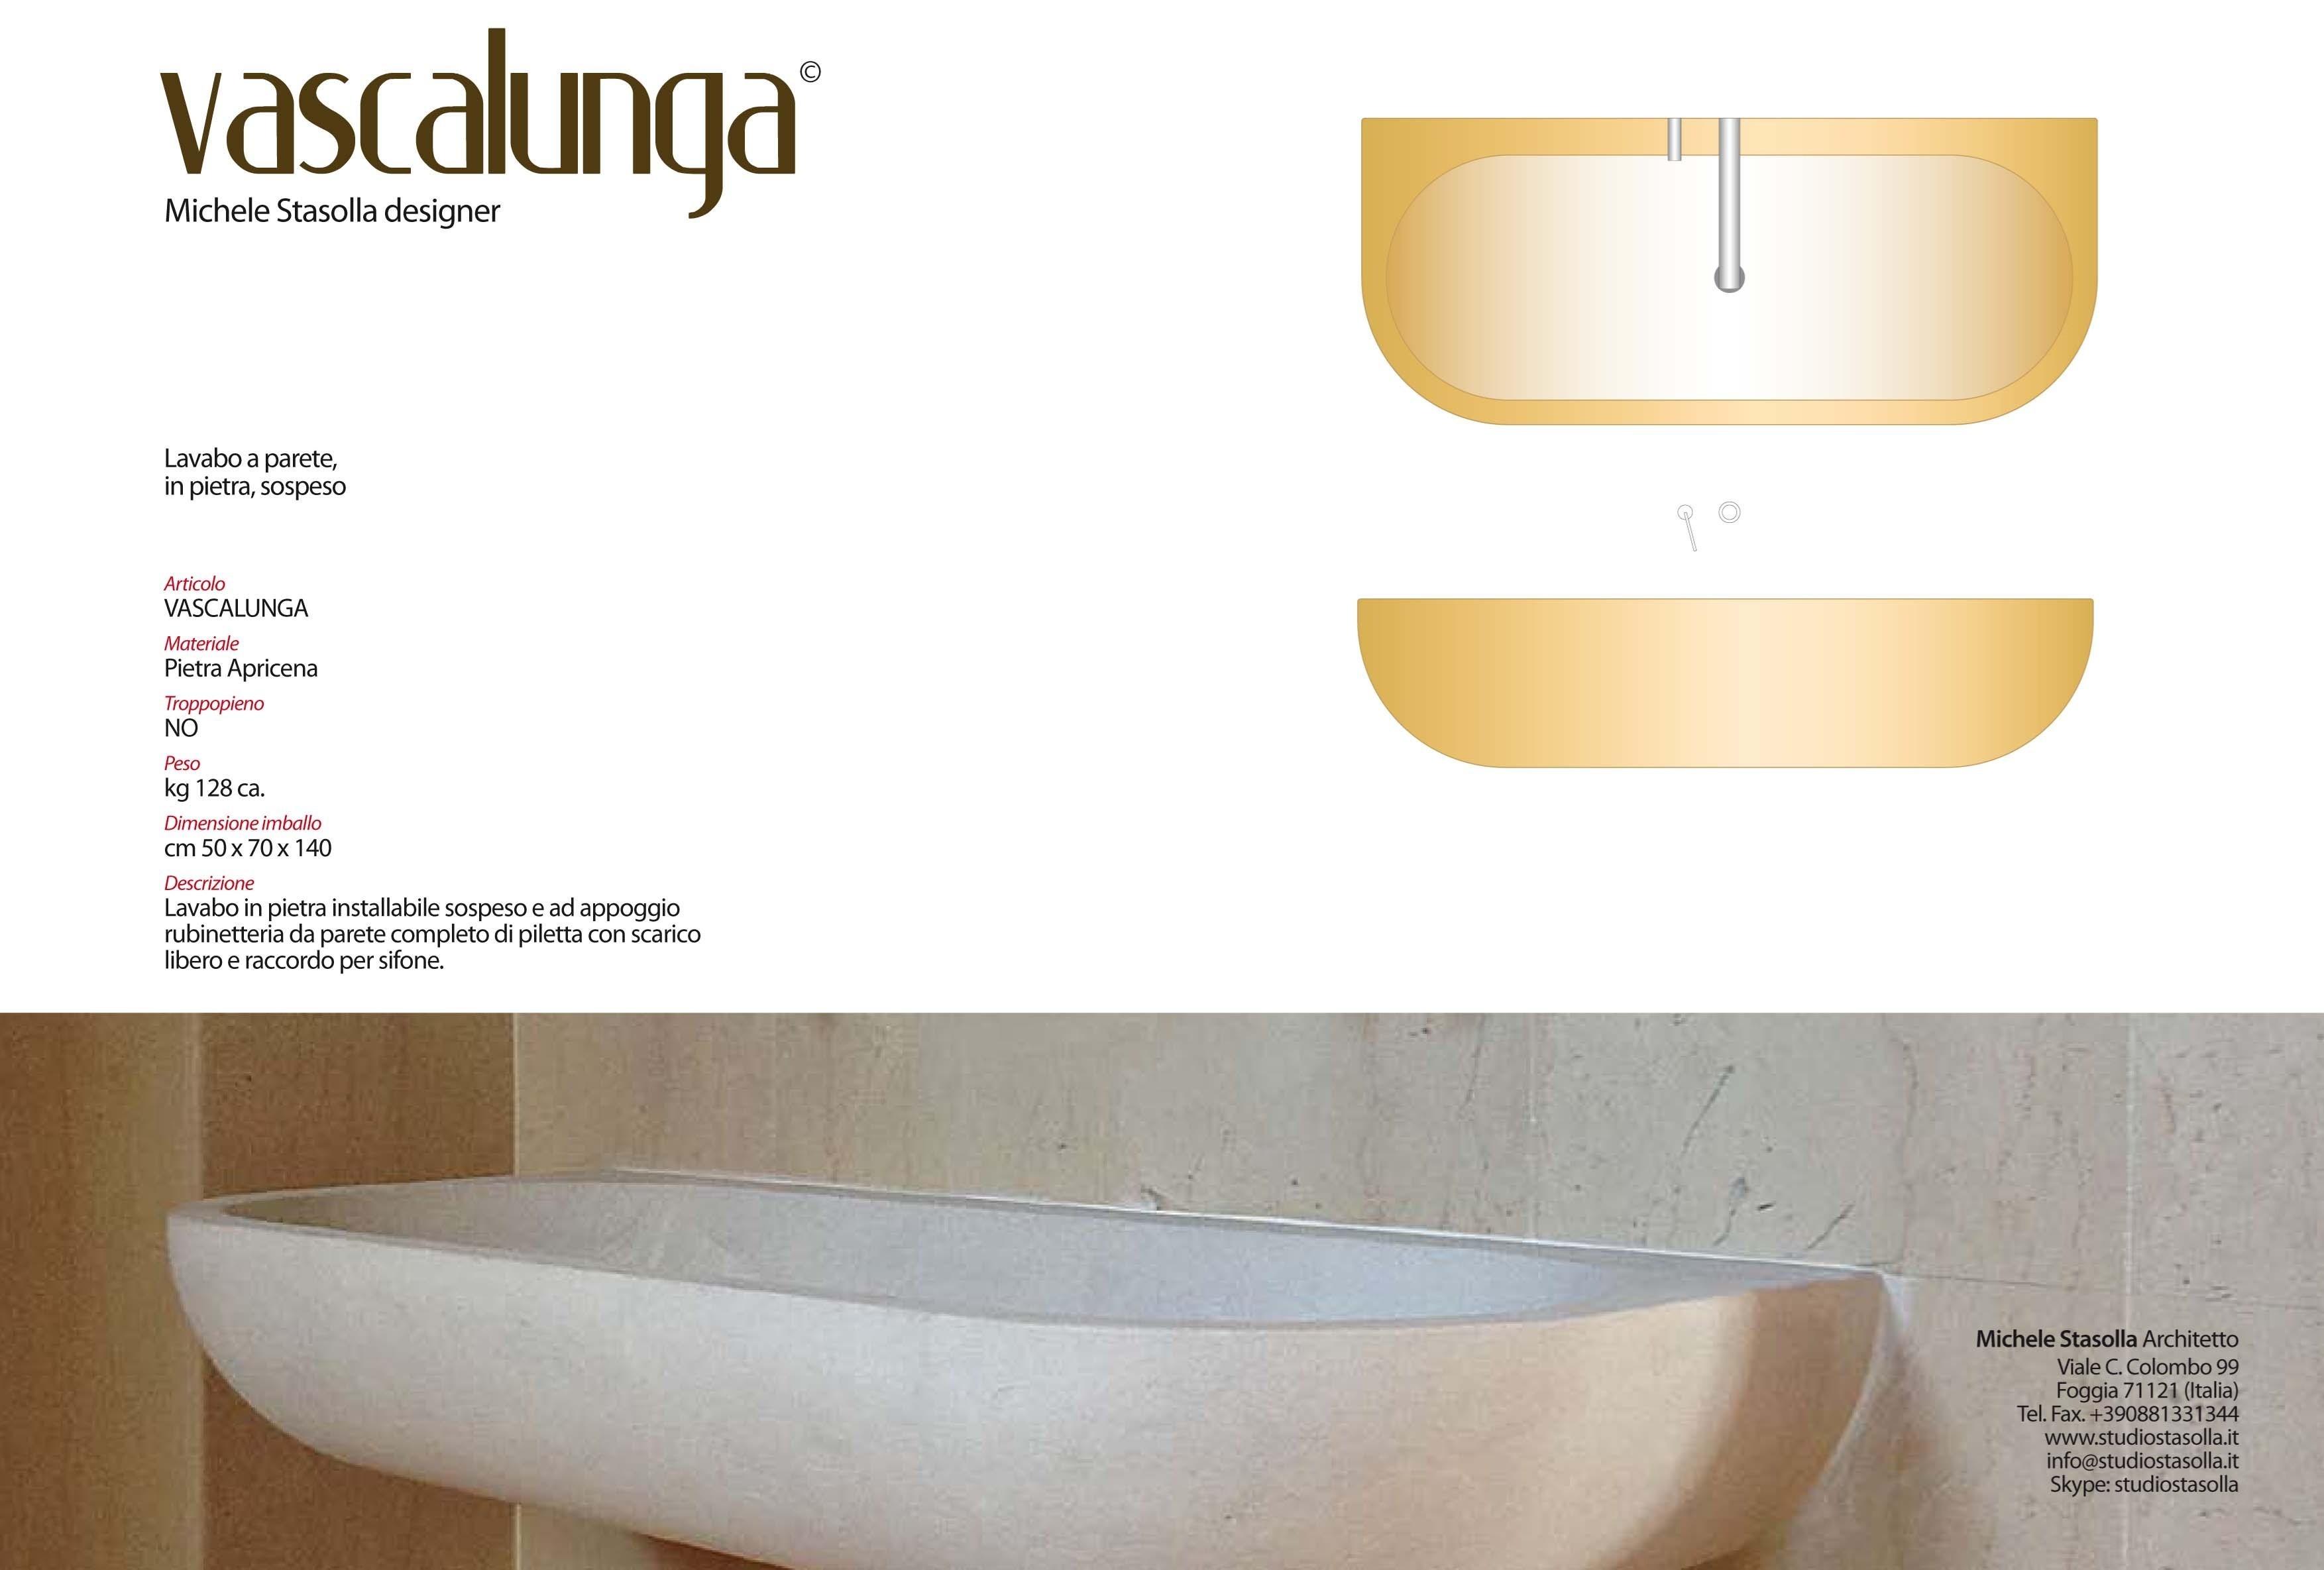 Piletta Per Lavabo Da Appoggio vascalunga - picture gallery